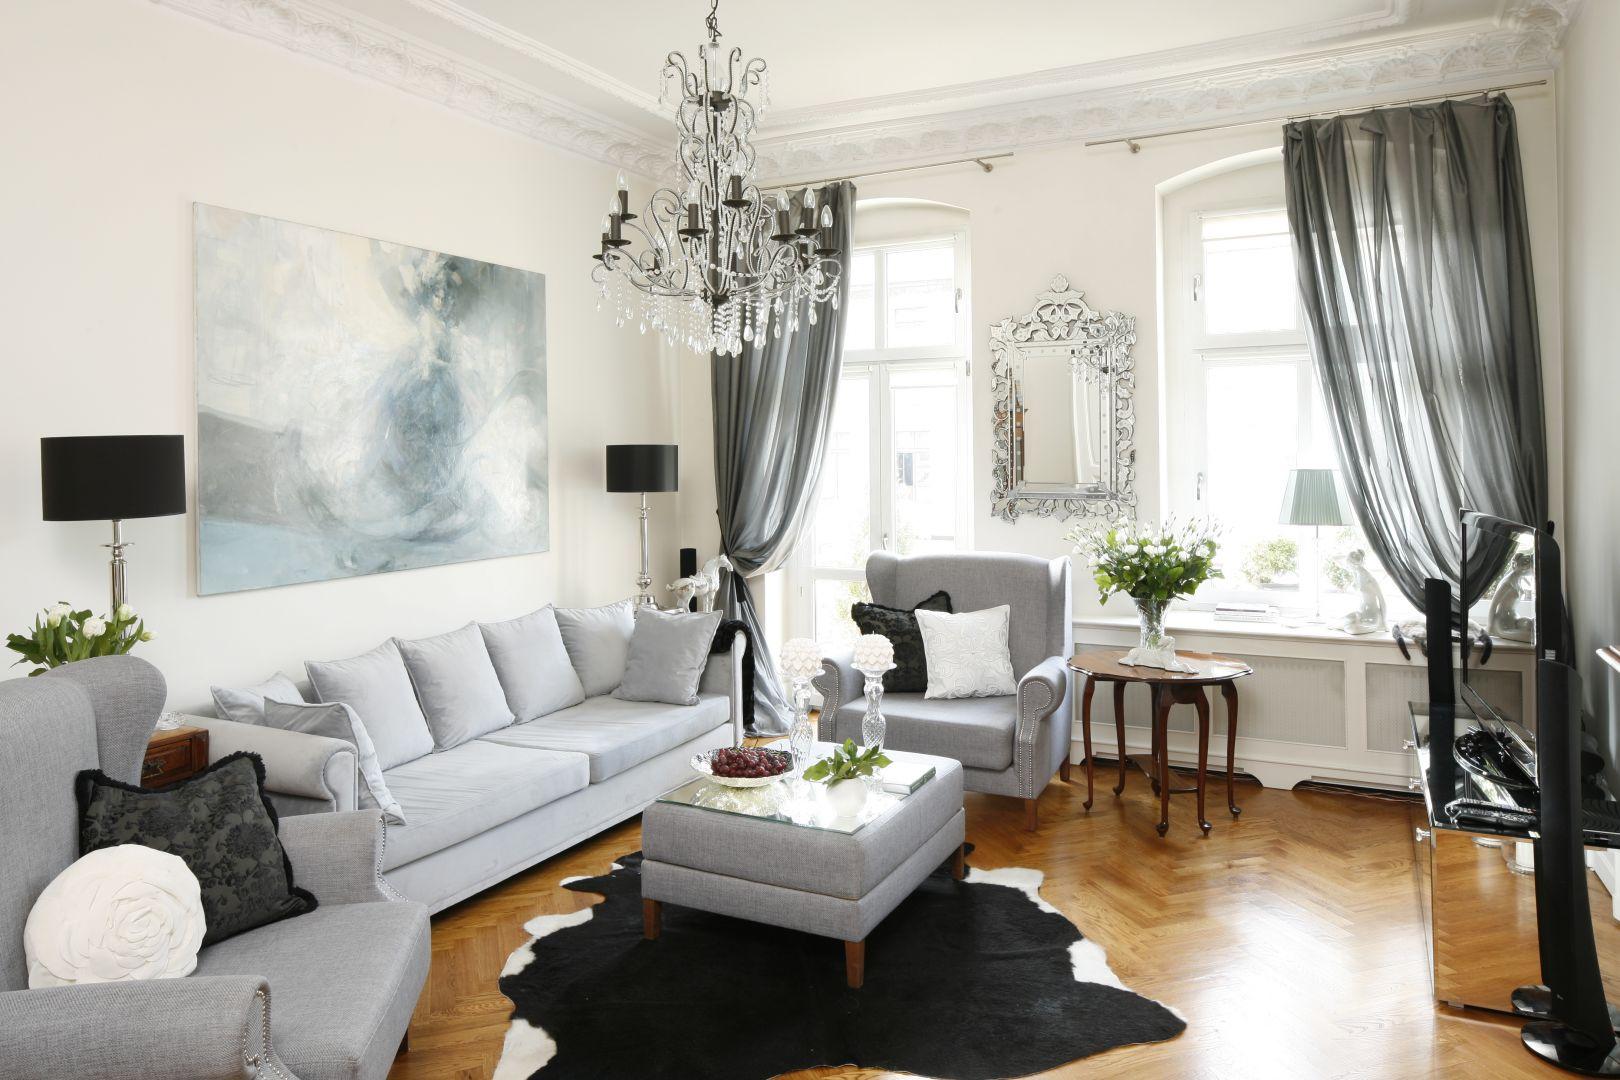 Salon w klasycznym stylu. Projekt: Iwona Kurkowska. Fot. Bartosz Jarosz